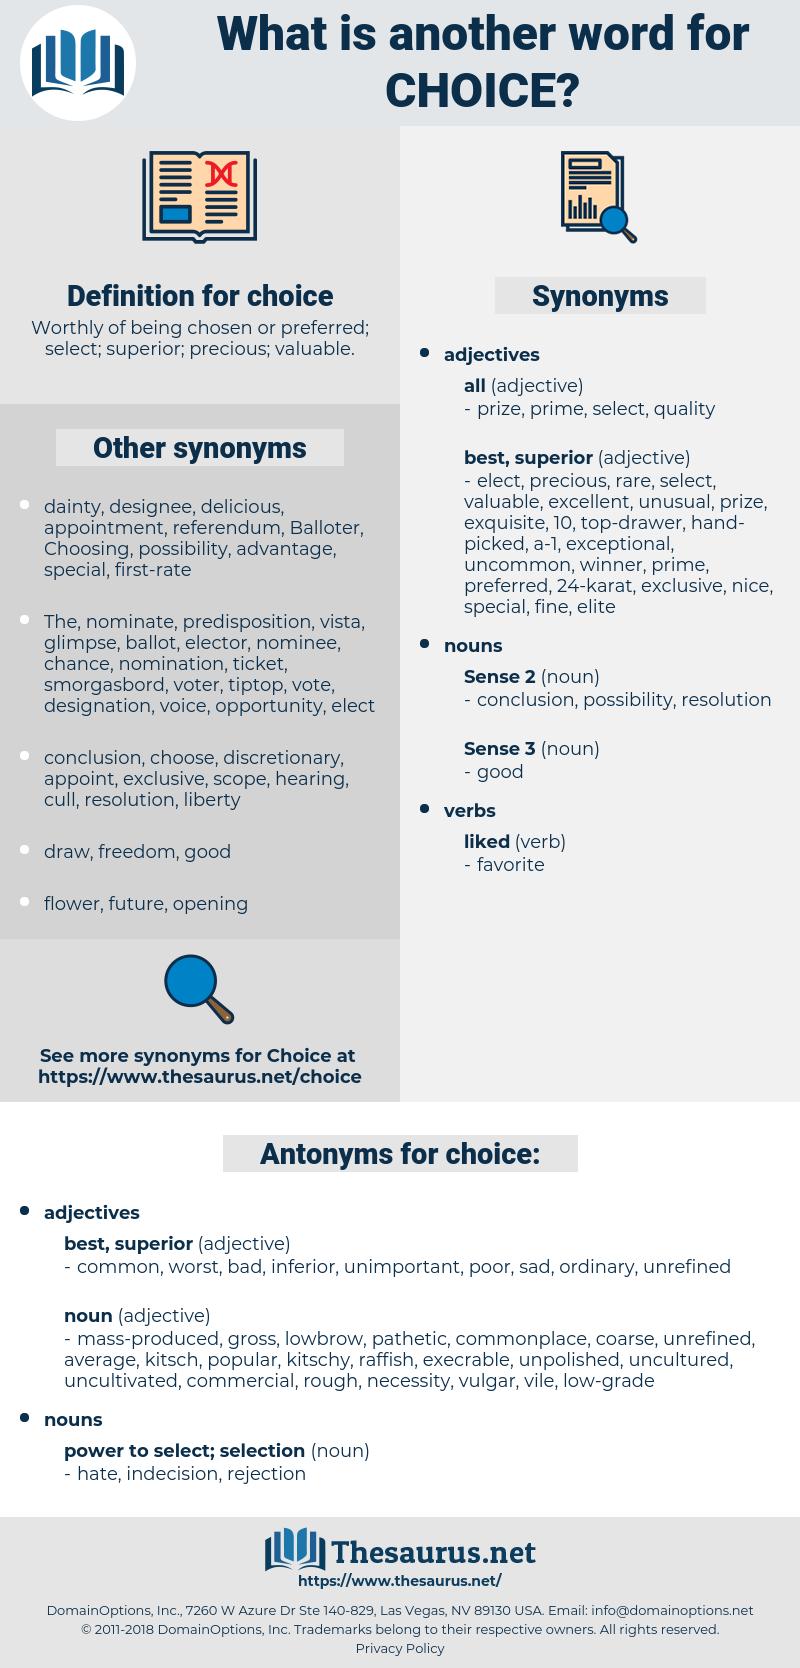 choice, synonym choice, another word for choice, words like choice, thesaurus choice